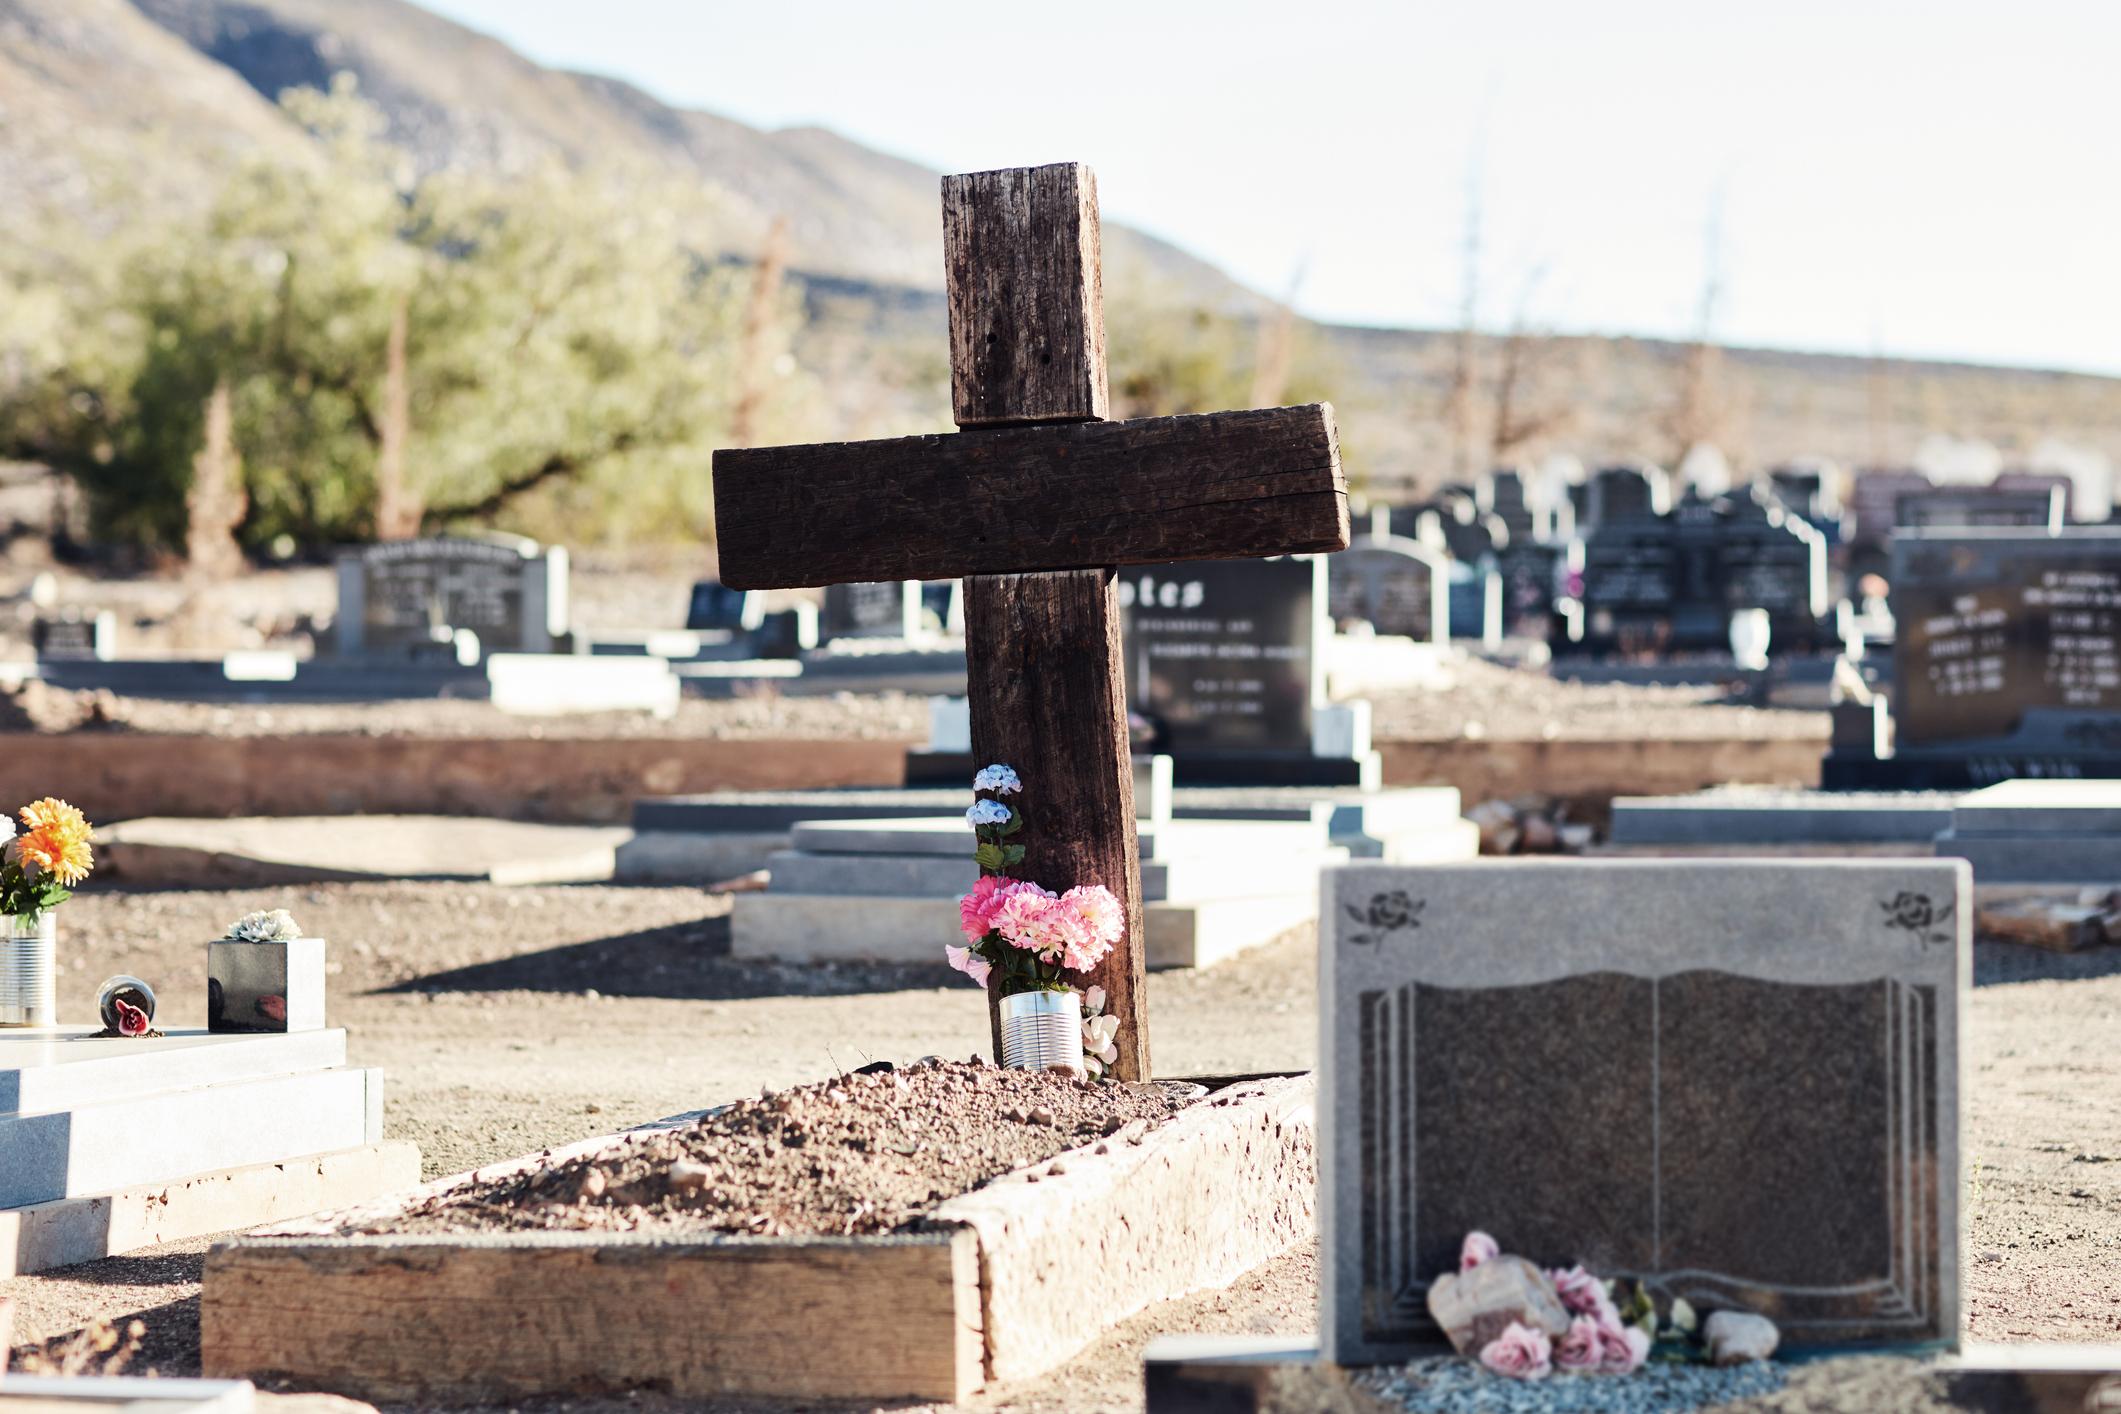 A crucifix headstone